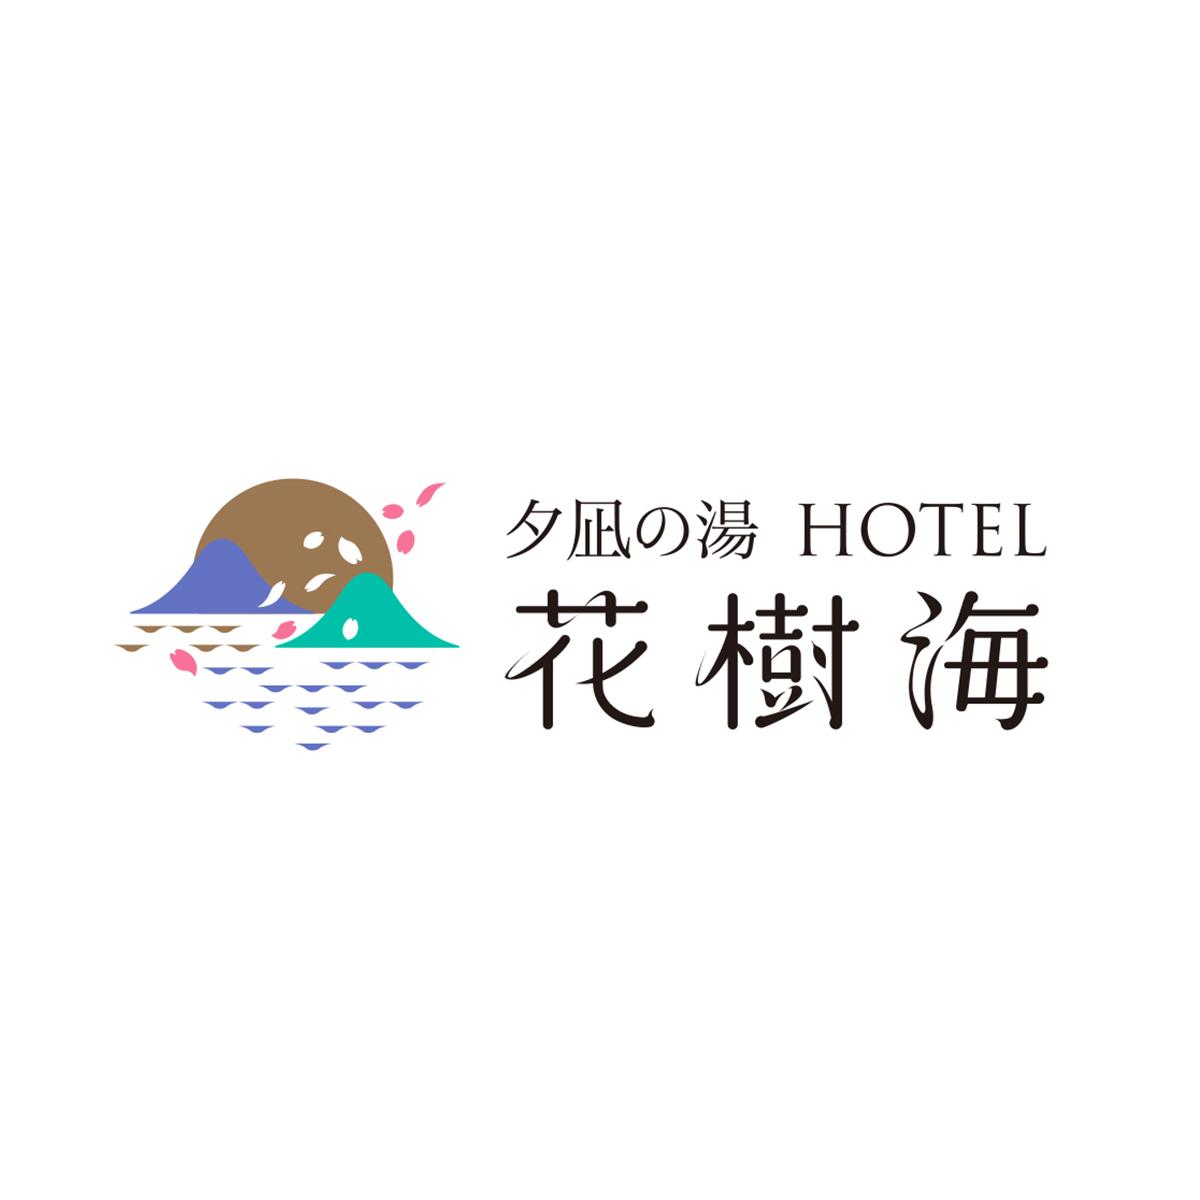 喜代美山荘 花樹海 ロゴマーク